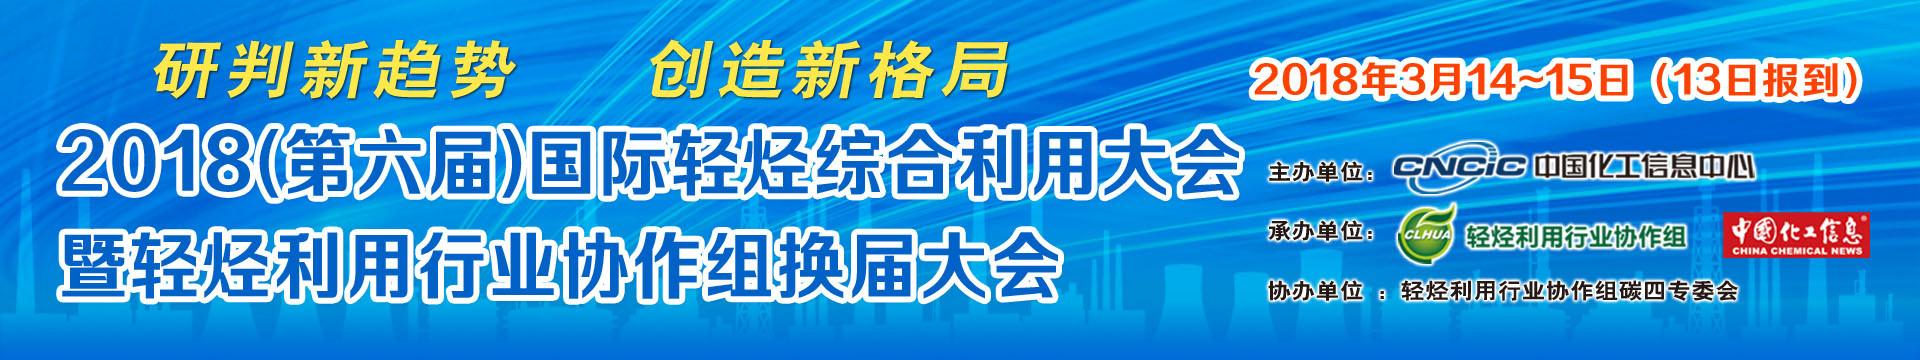 2018(第六届)国际轻烃综合利用大会